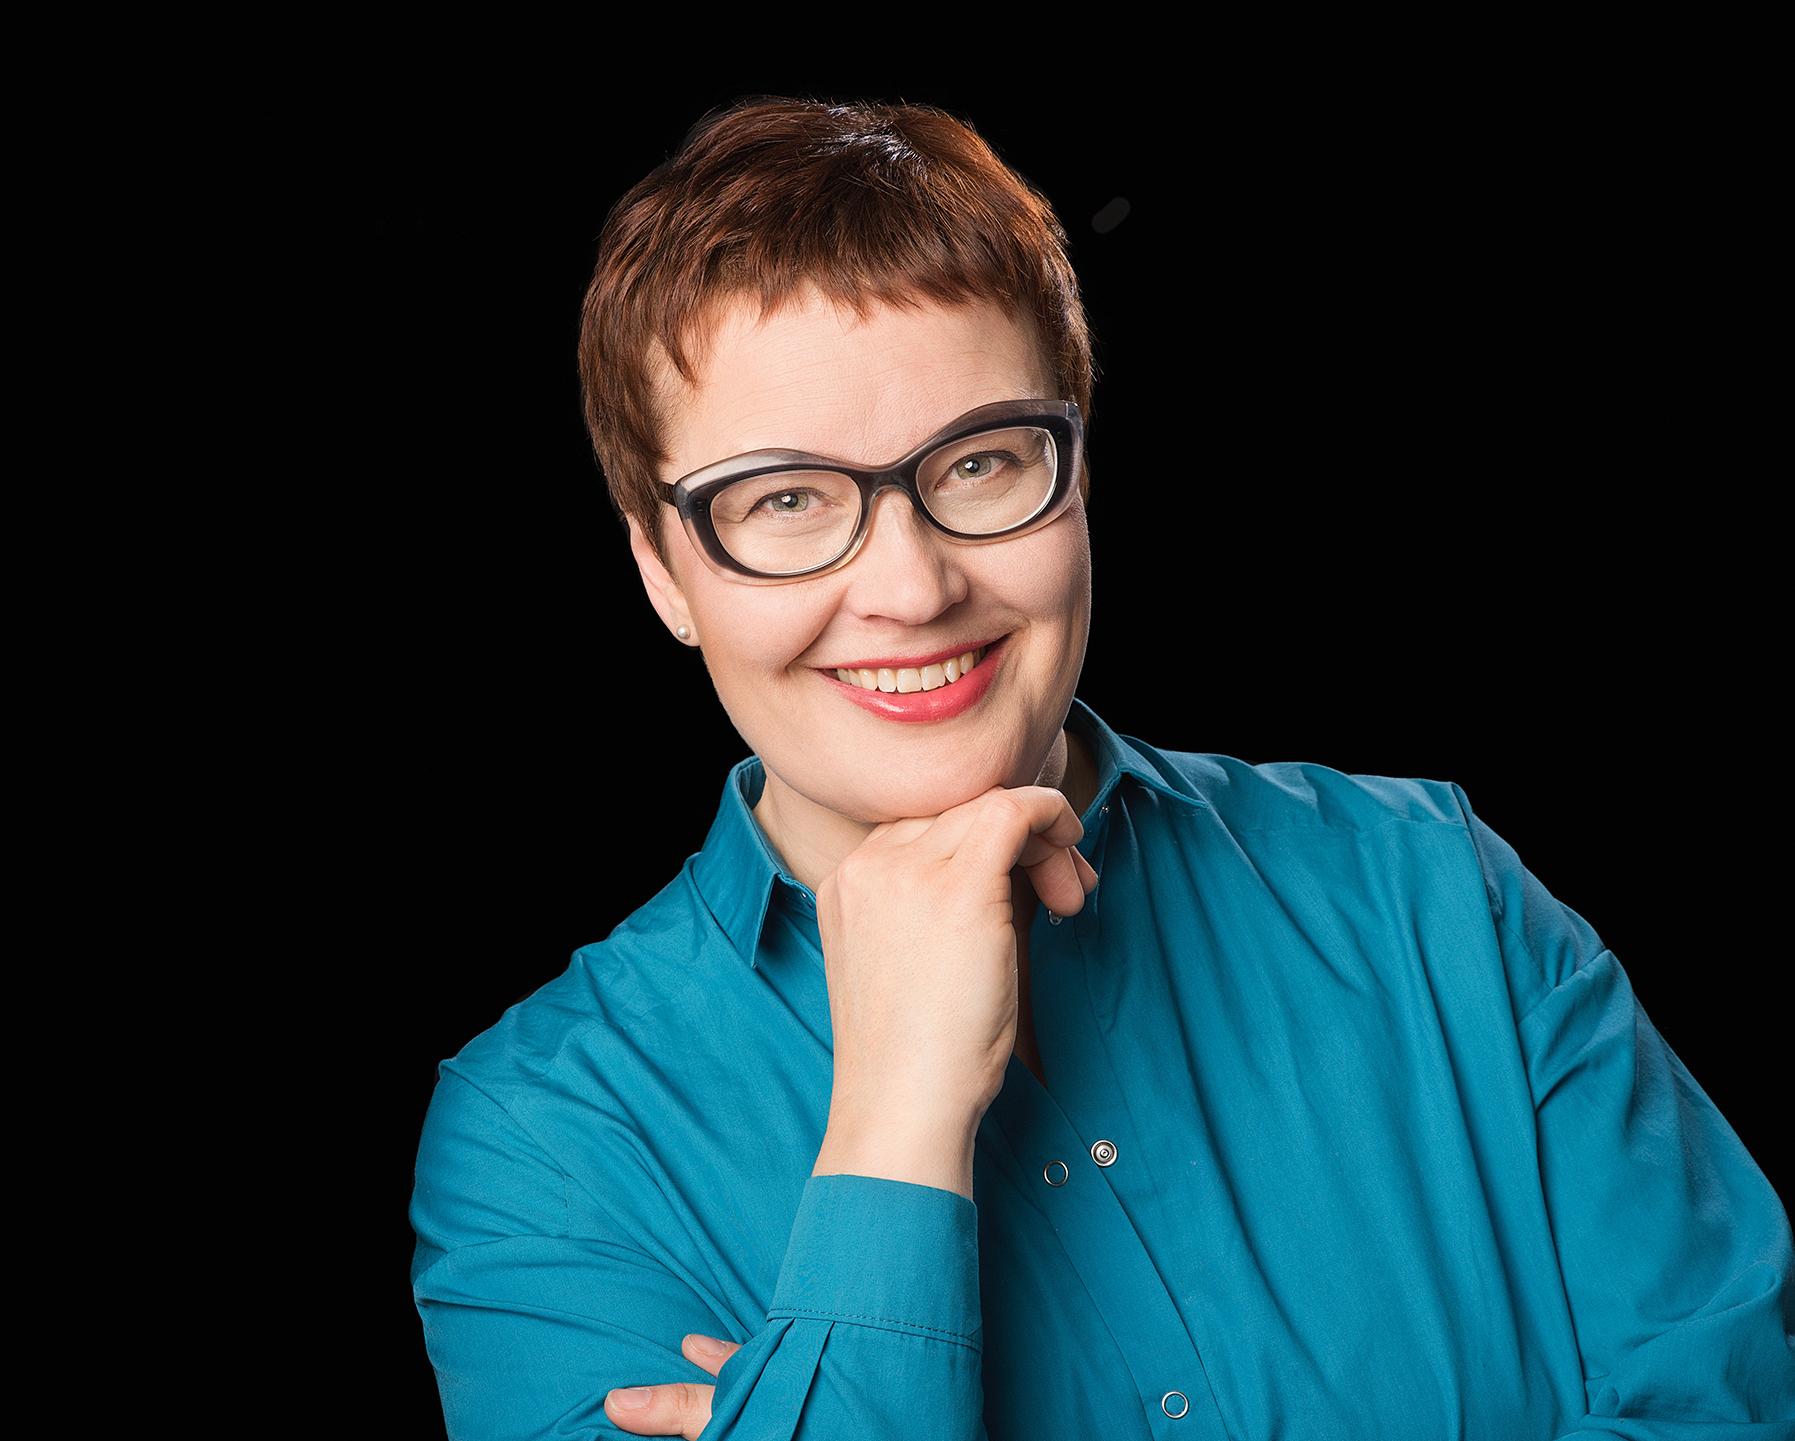 12x15cm_profiilikuvaus_Heidi Hölsömäki_08